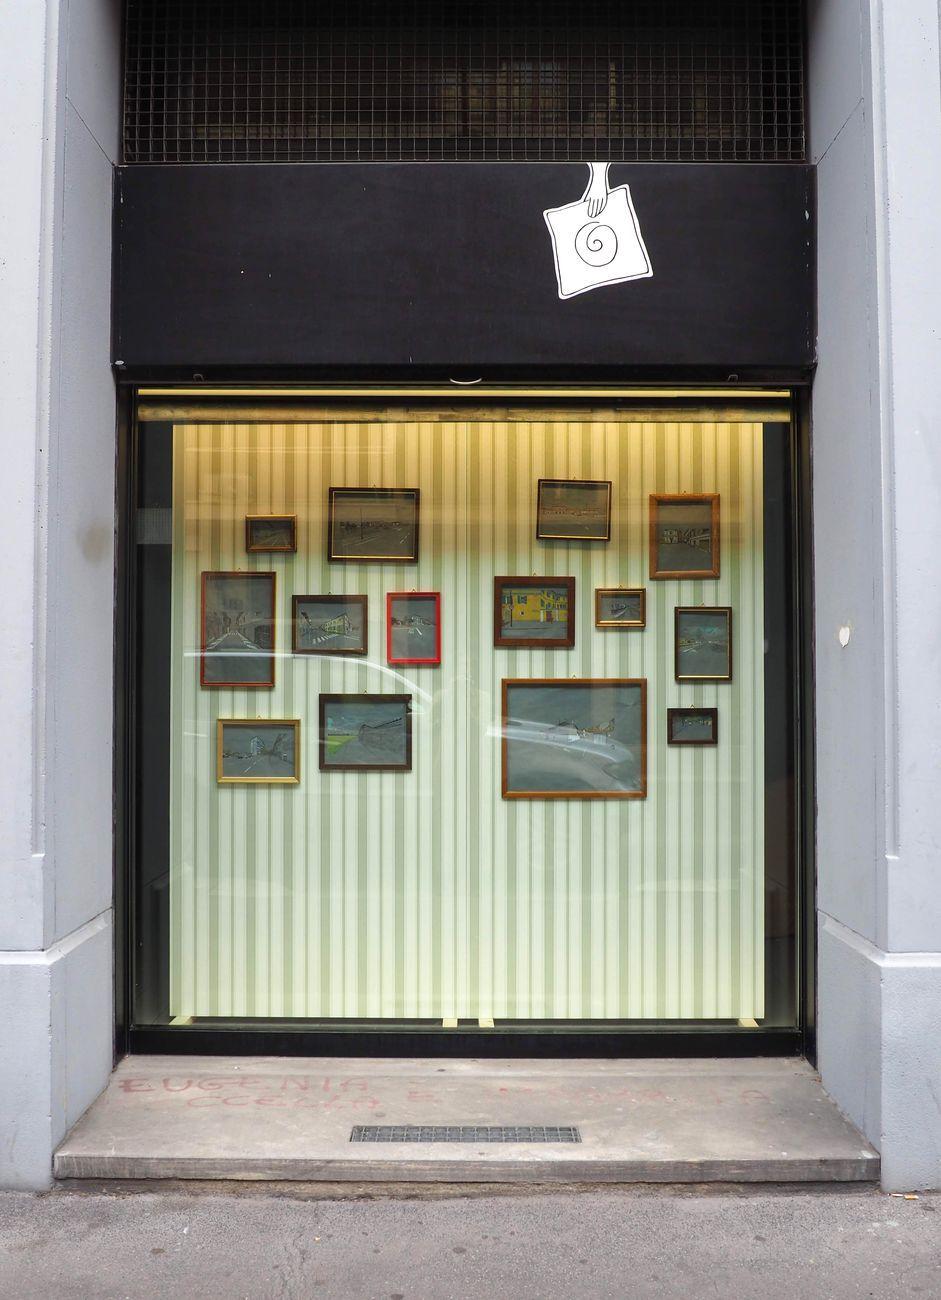 Paola Gaggiotti, Le immagini che restano, 2020. Quarta Vetrina, Libreria delle donne di Milano. 14 disegni su pannelli, cm 212x220. Veduta esterna